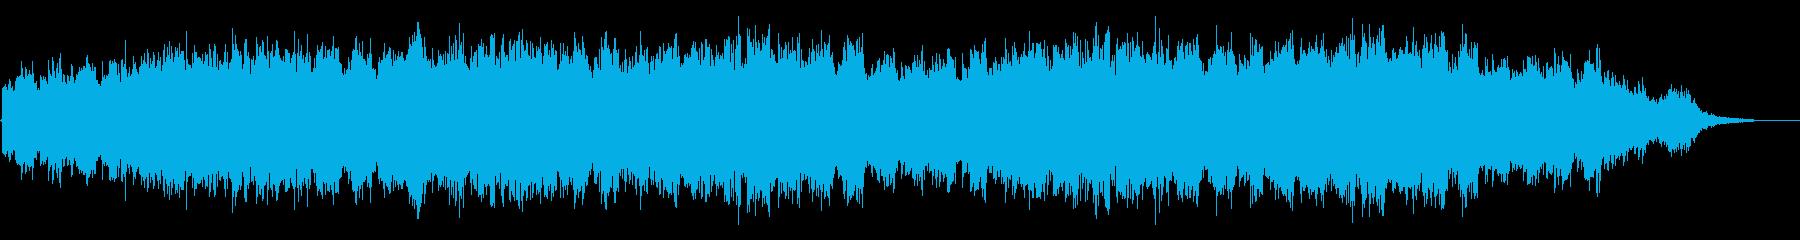 お父ちゃん★お腹がへったよぅ★昭和的劇伴の再生済みの波形